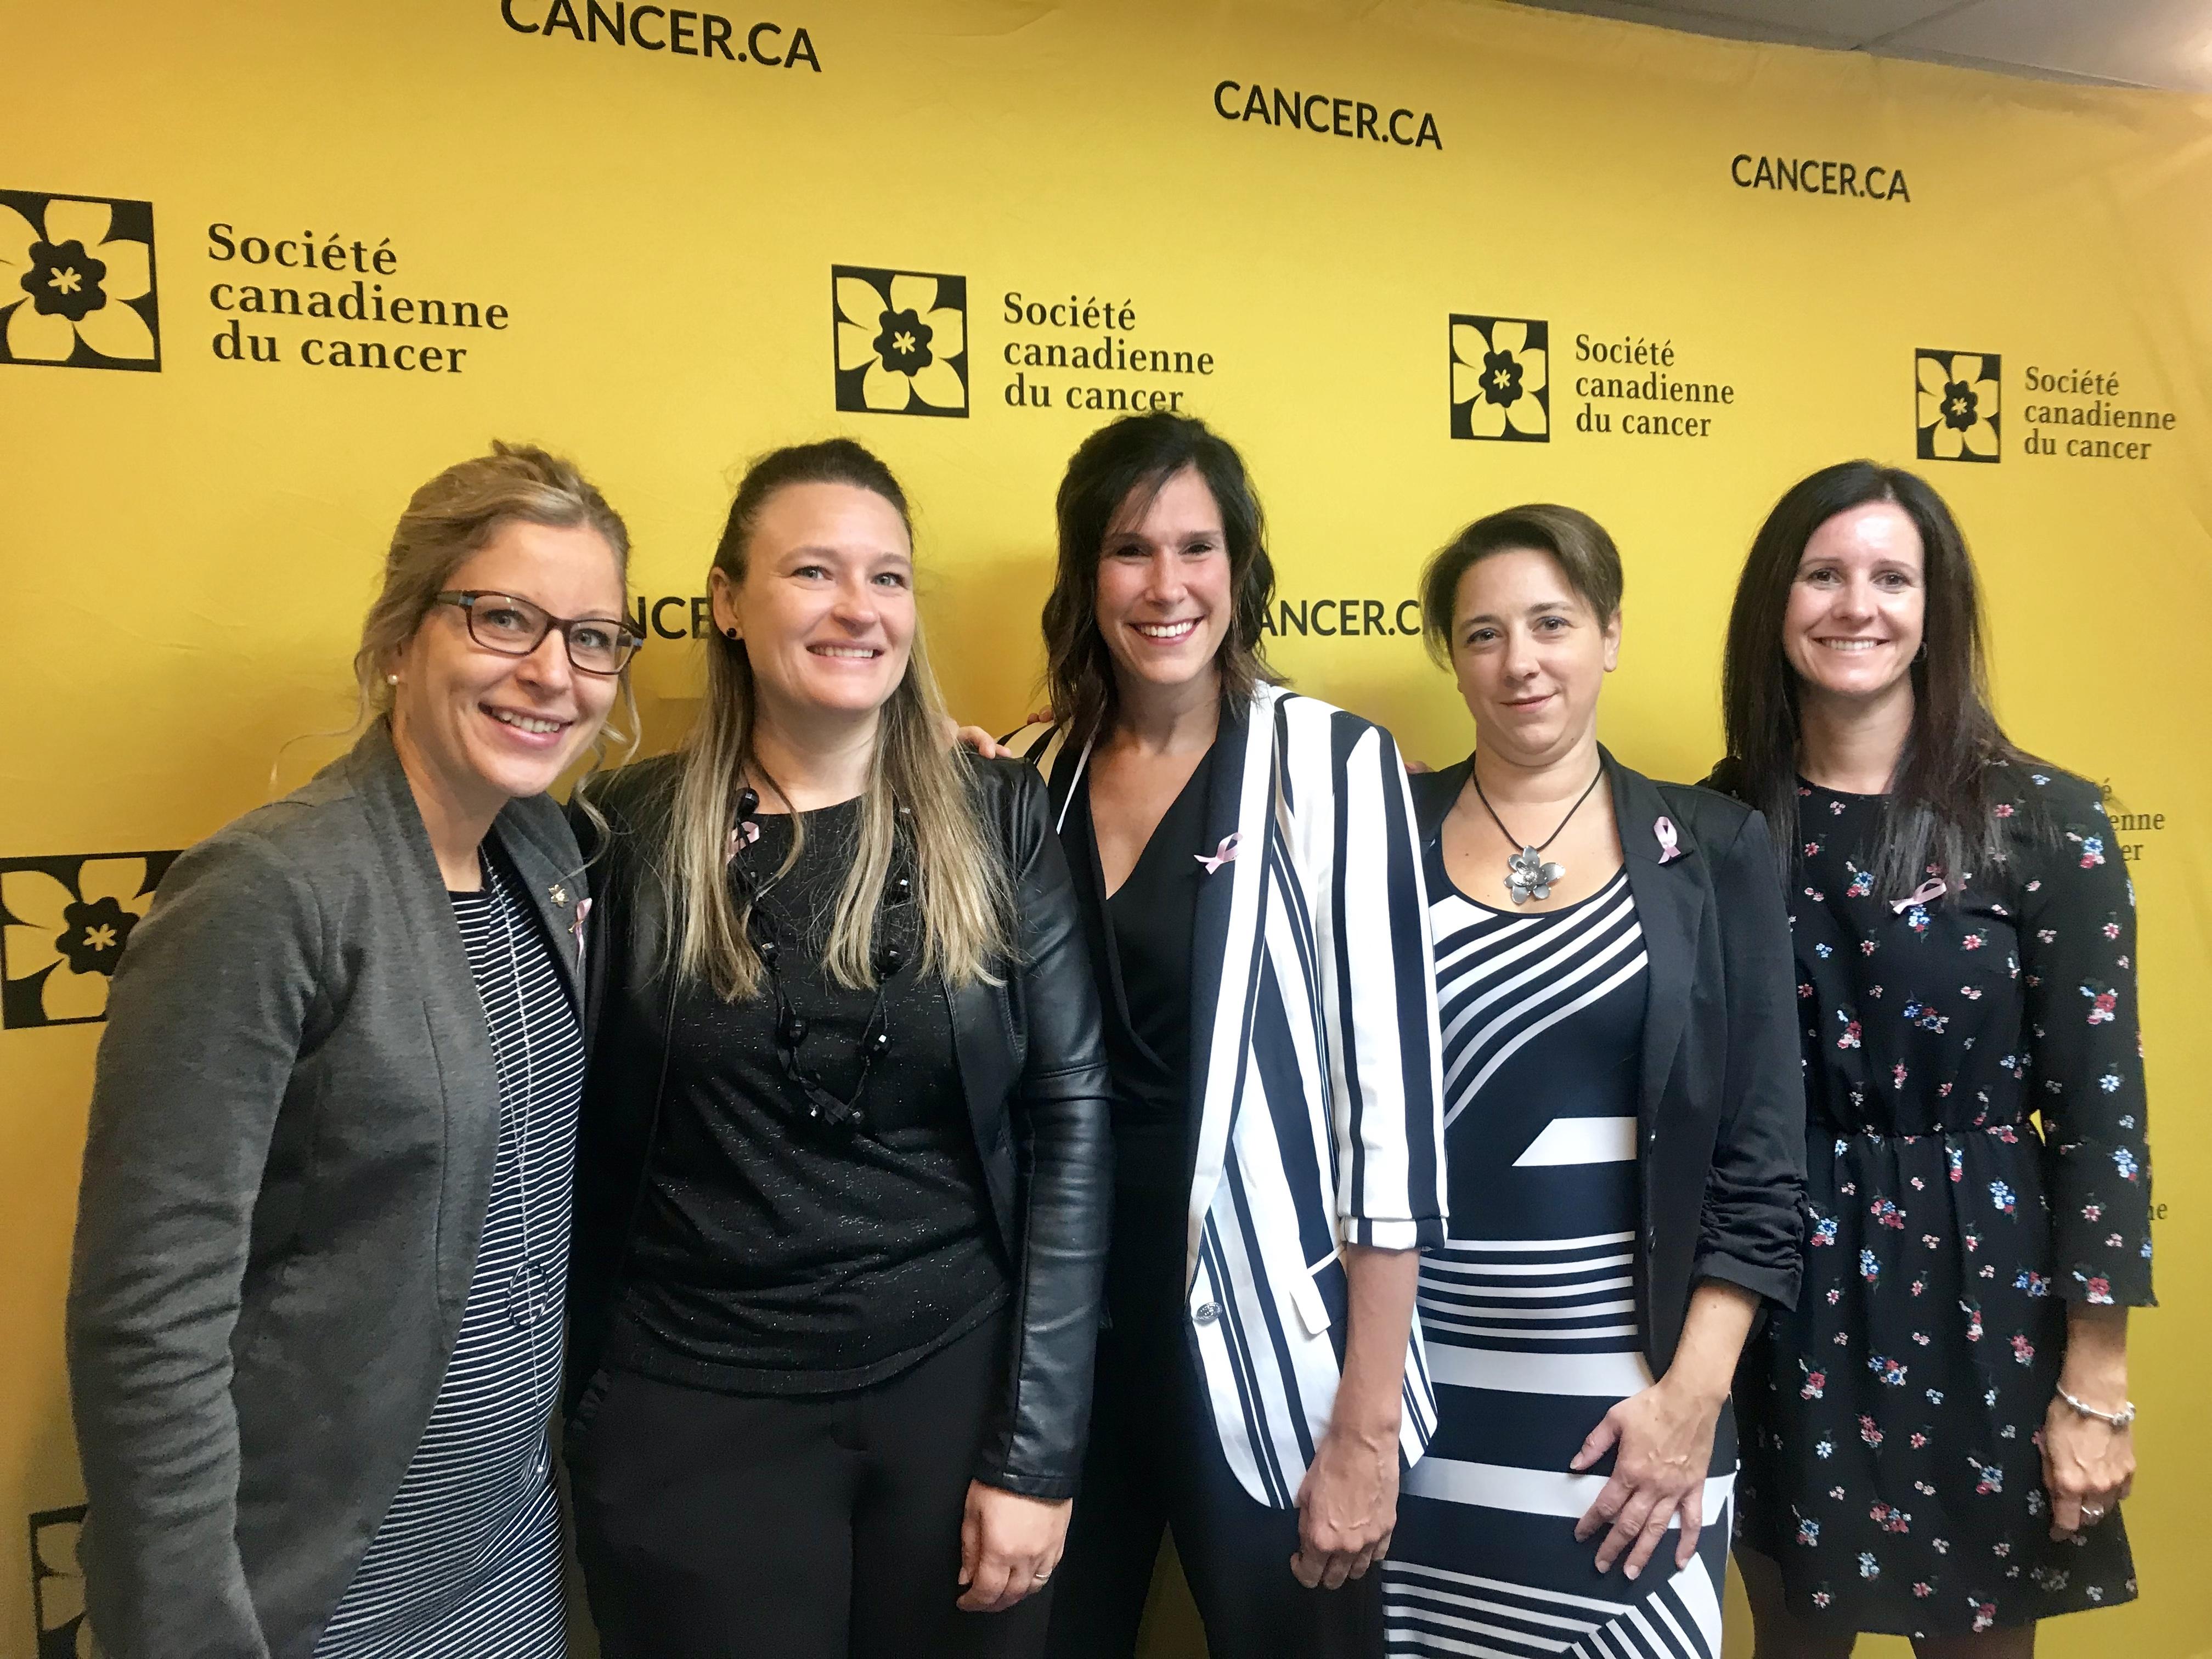 Des membres du comité organisateur : Geneviève Côté-Rioux, directrice de la SCC, Marie-Noëlle Lacasse, Claudine Poulin, Louise Gagnon et Sandra Flynn.